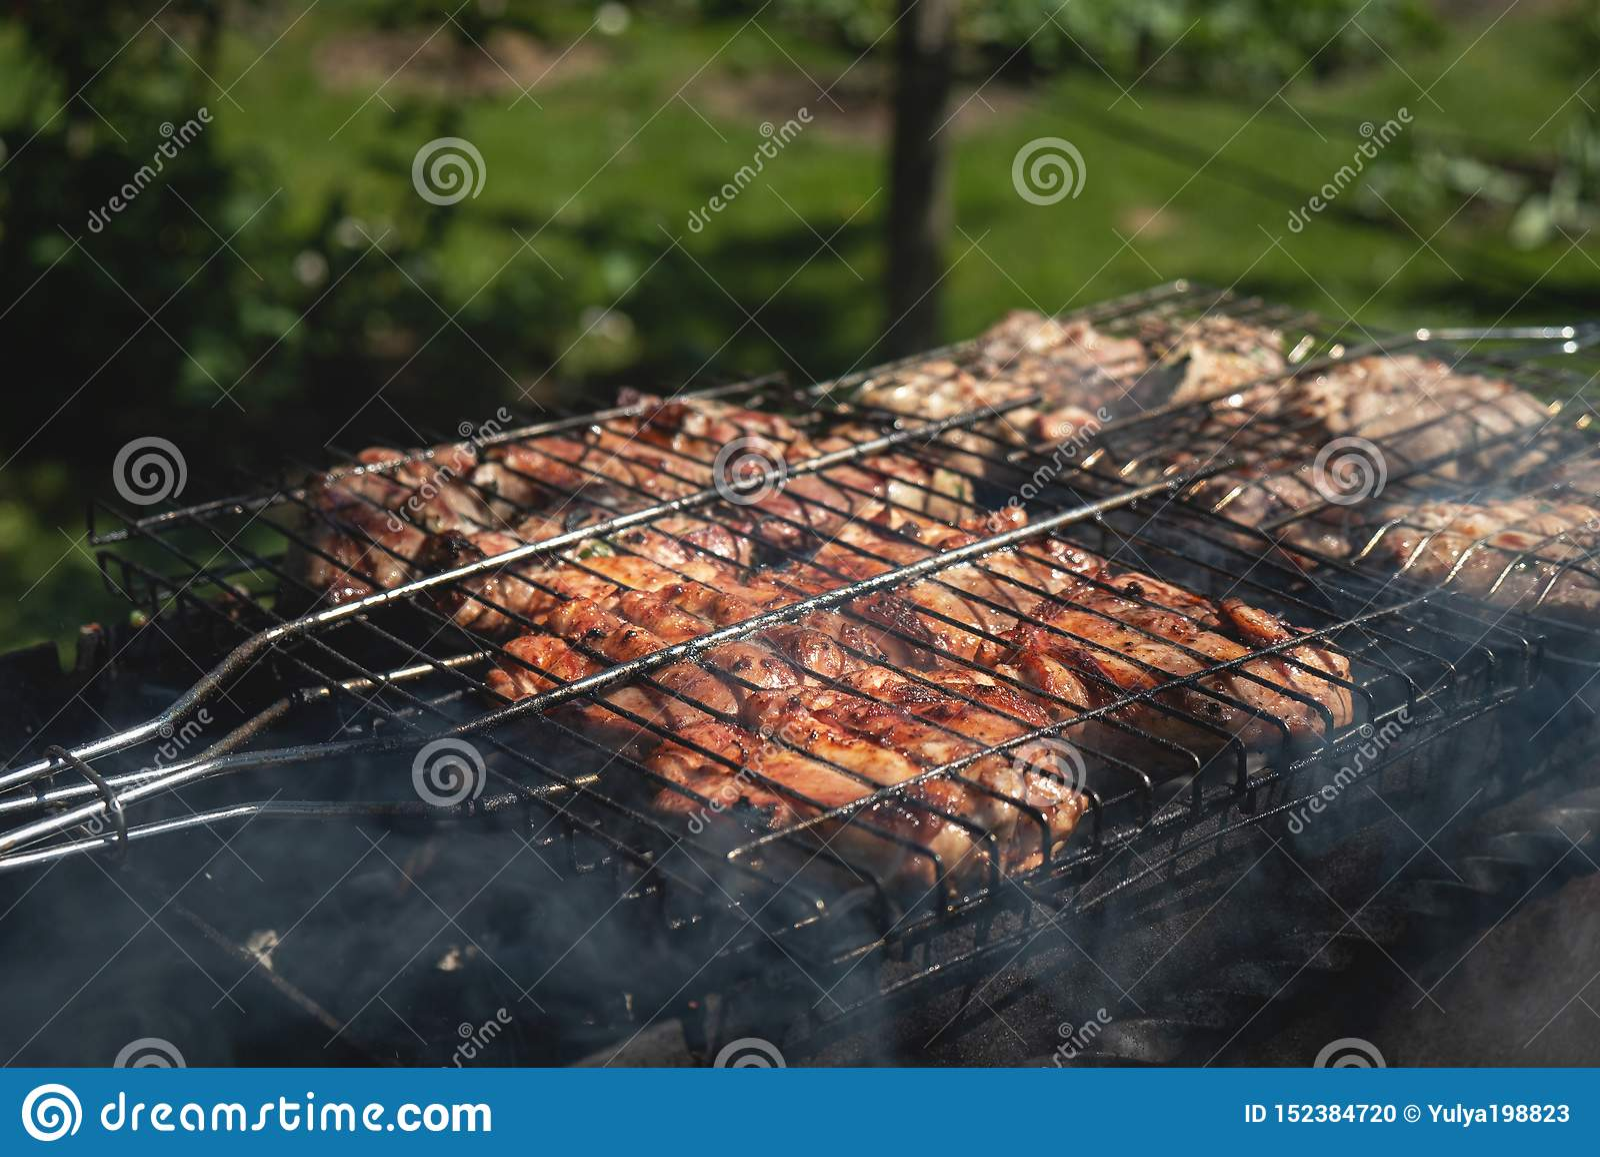 Grillat griskött lagas mat utomhus, sommarpicknicken